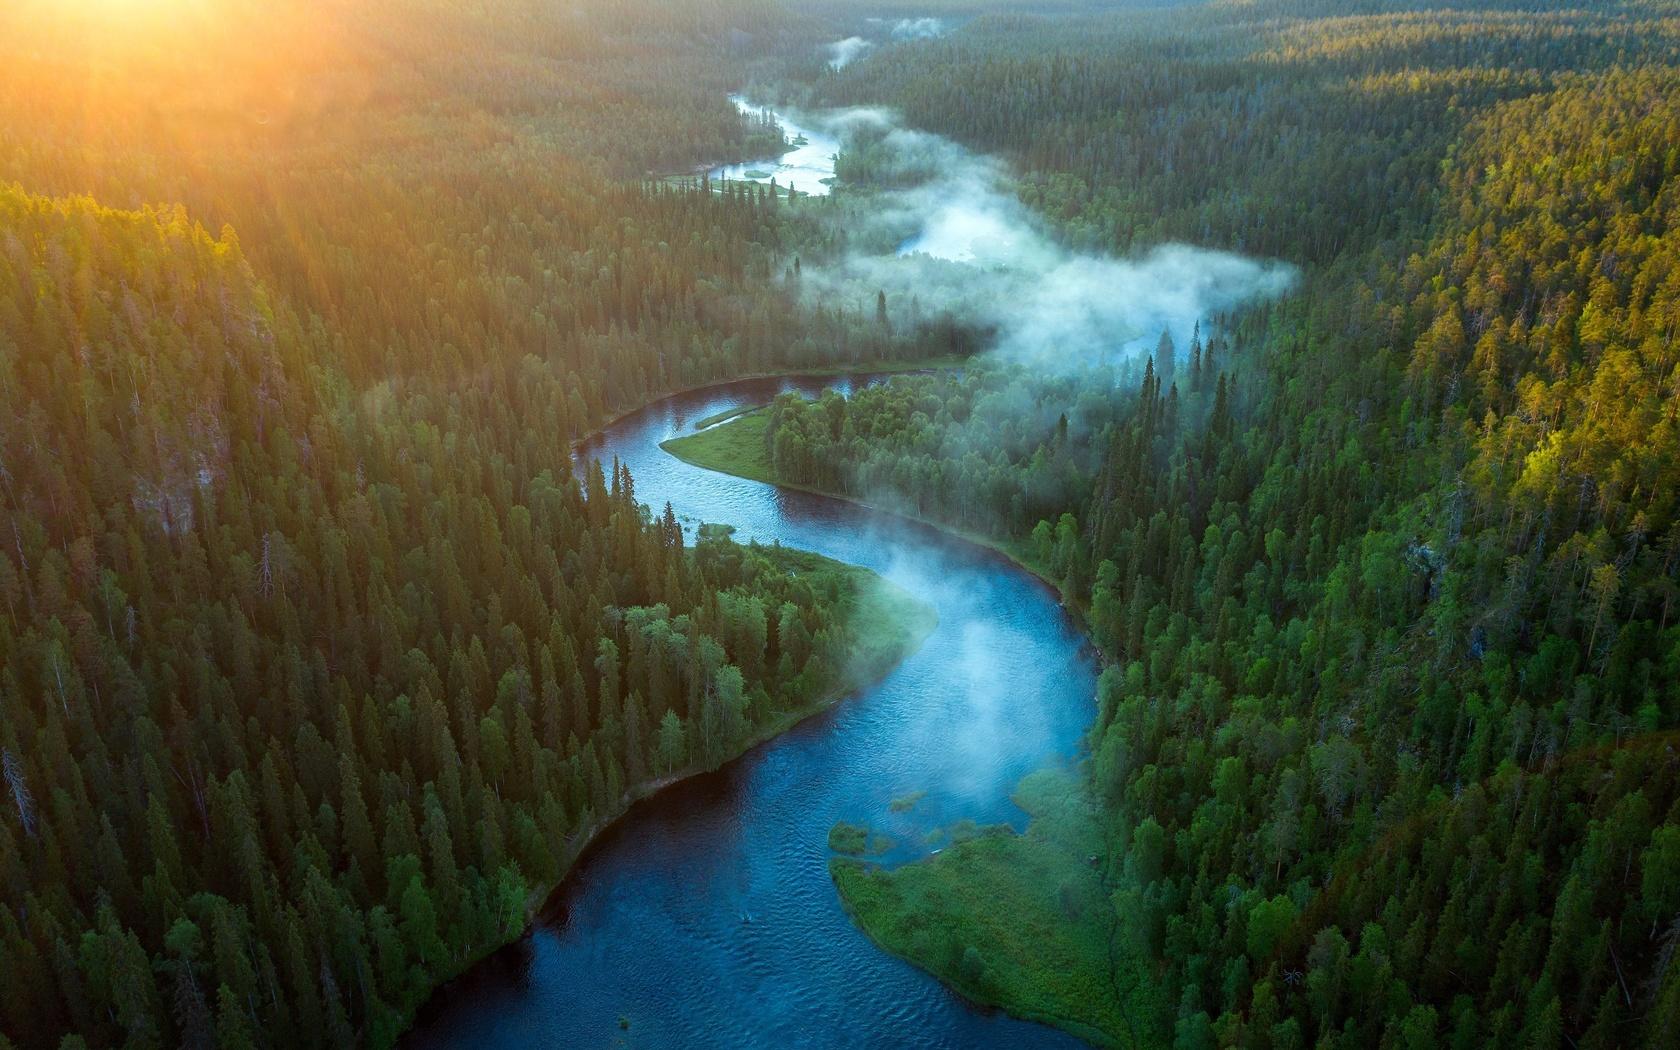 лес, утро, восход, река, природа, туман